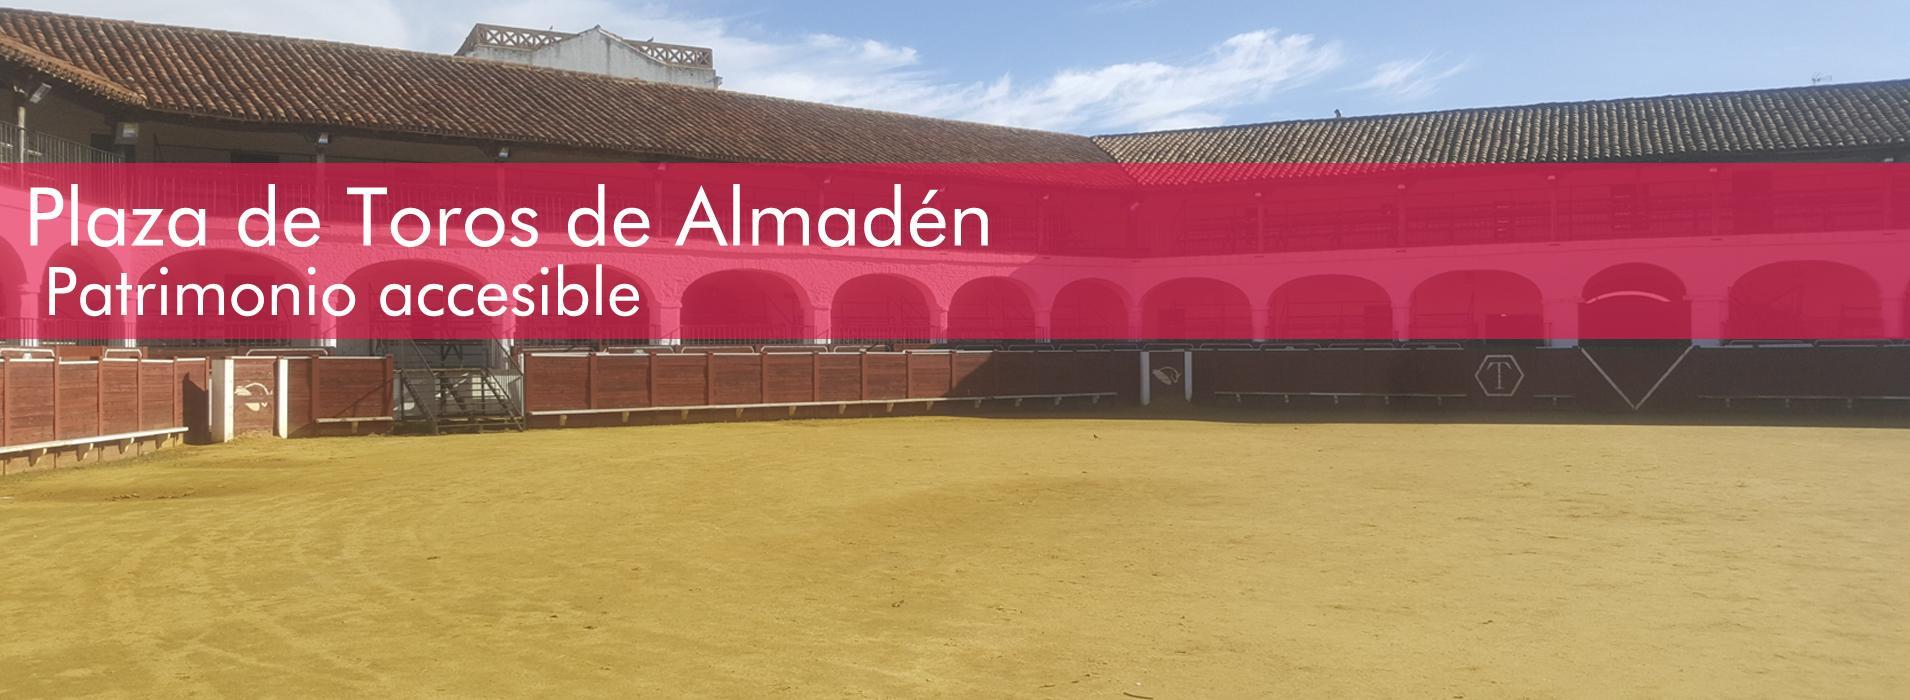 Plaza de Toros de Almadén accesible